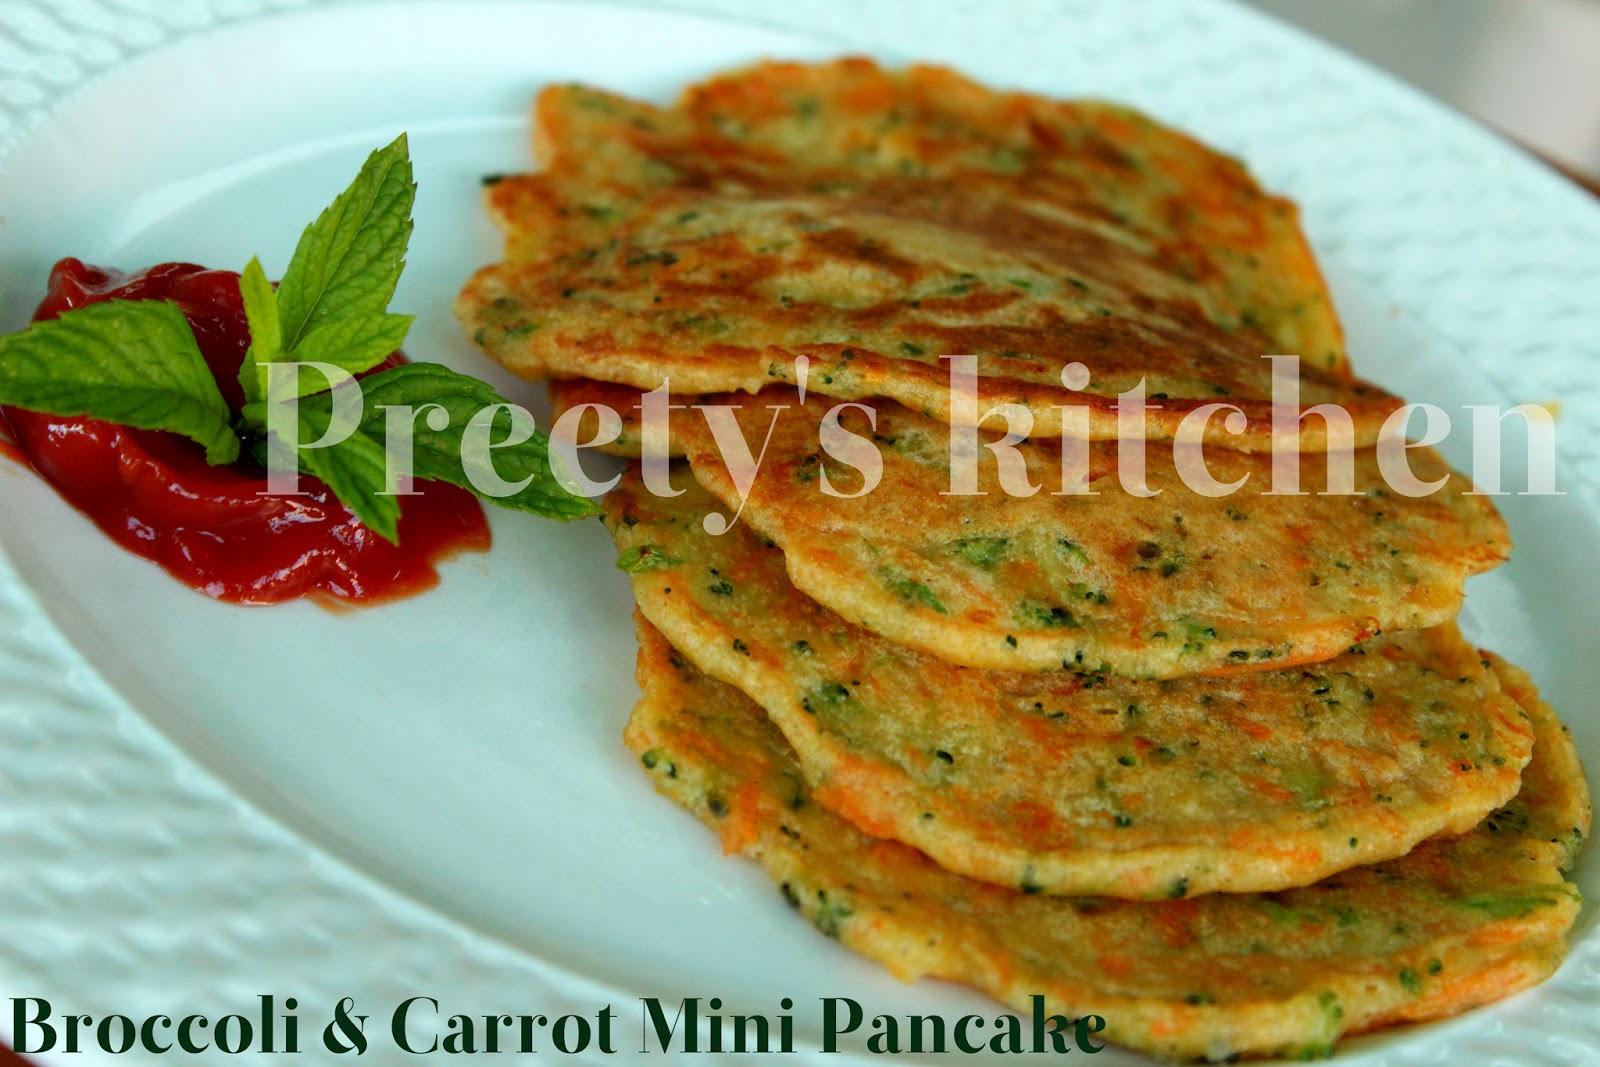 Preety's Kitchen: Broccoli & Carrot Mini Pancakes